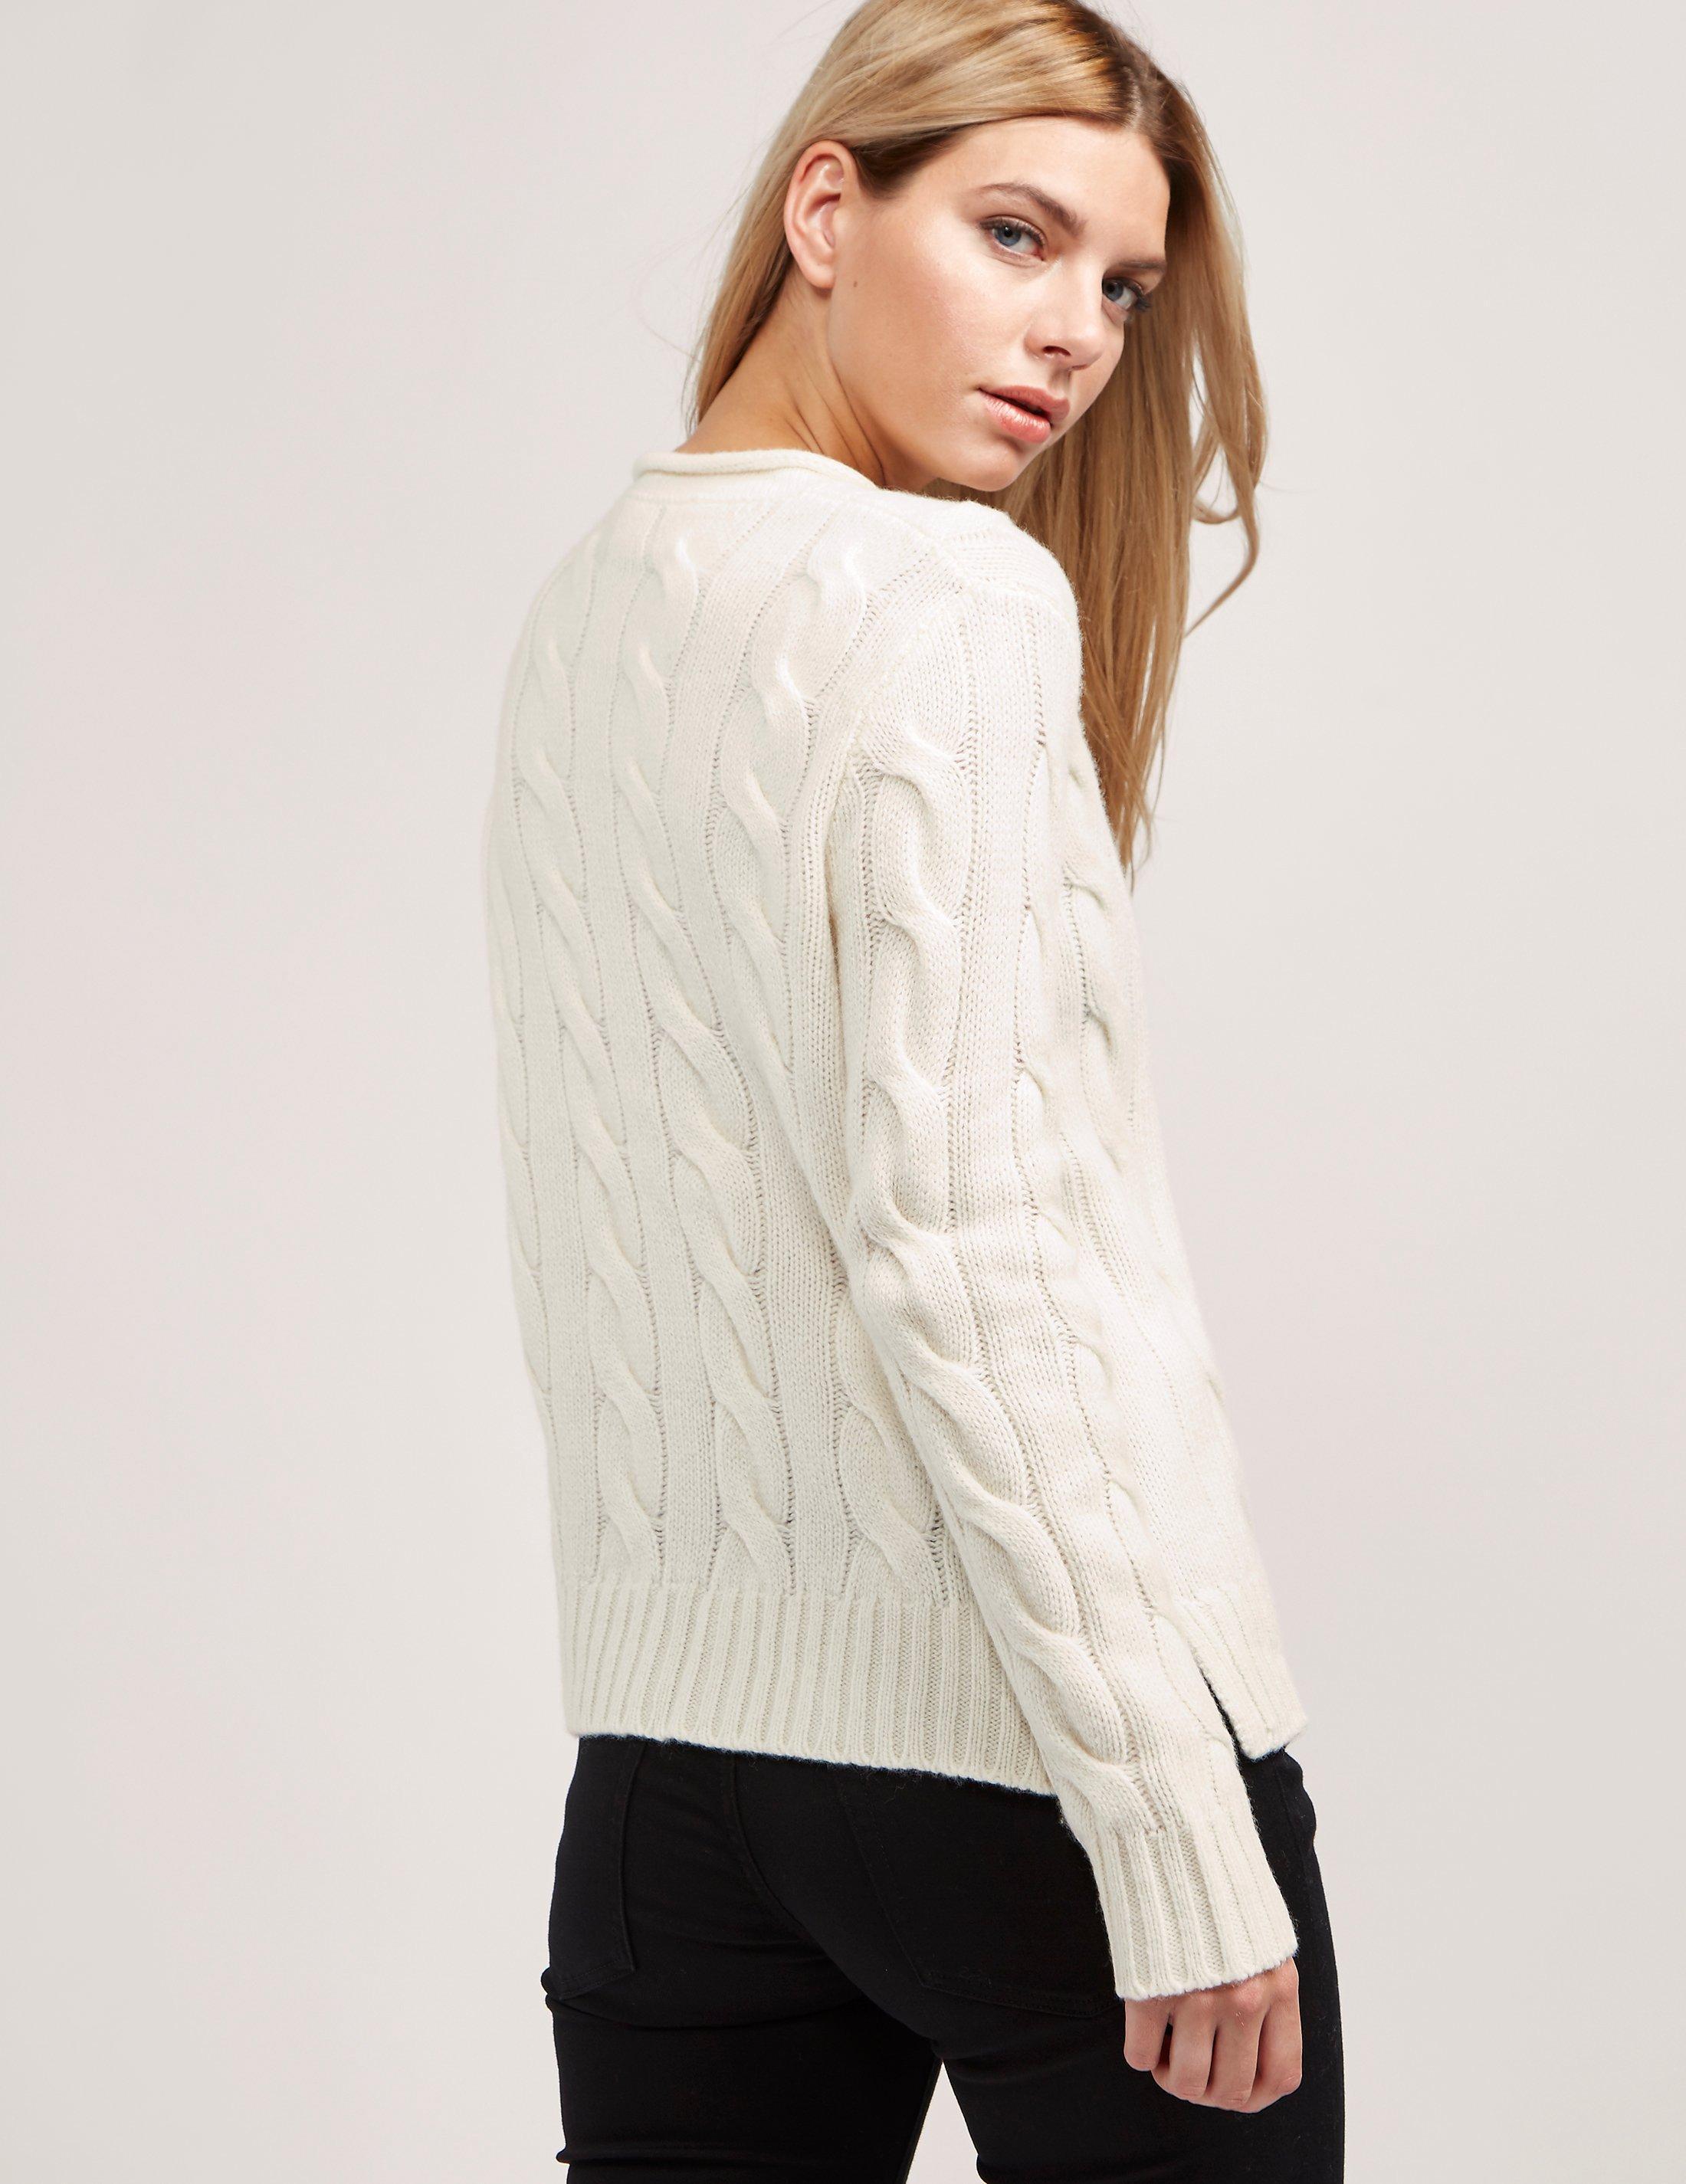 Polo Ralph Lauren - Natural Womens Boxy Roll Neck Knitted Jumper Cream -  Lyst. View fullscreen